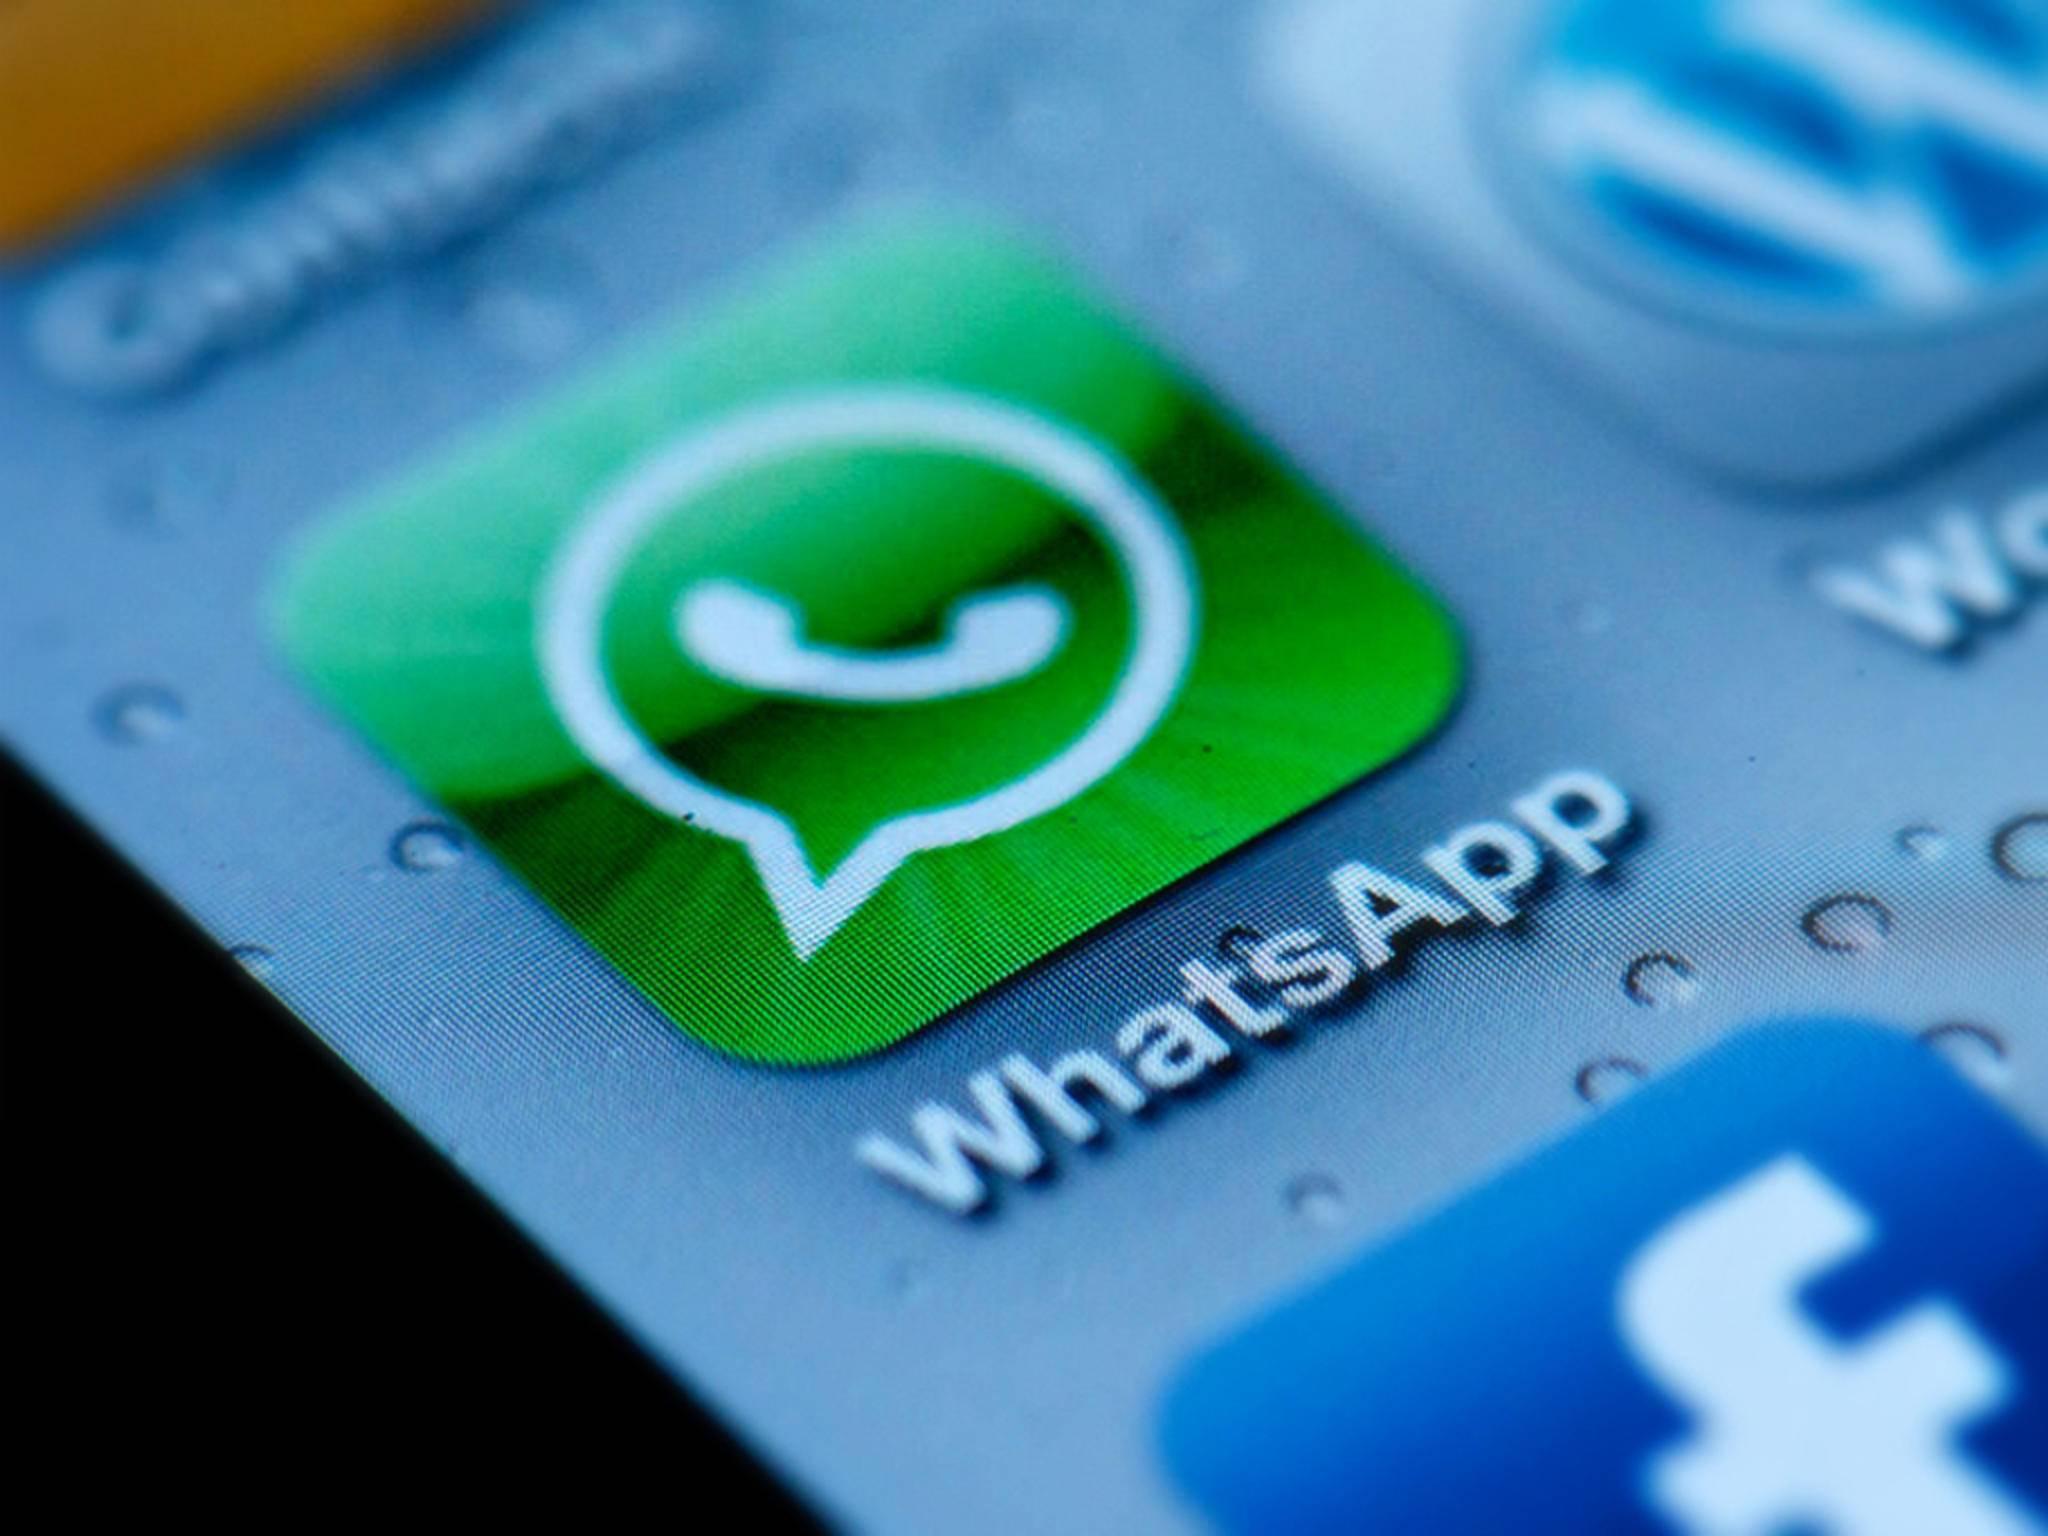 Unliebsame WhatsApp-Kontakte können schnell blockiert werden.